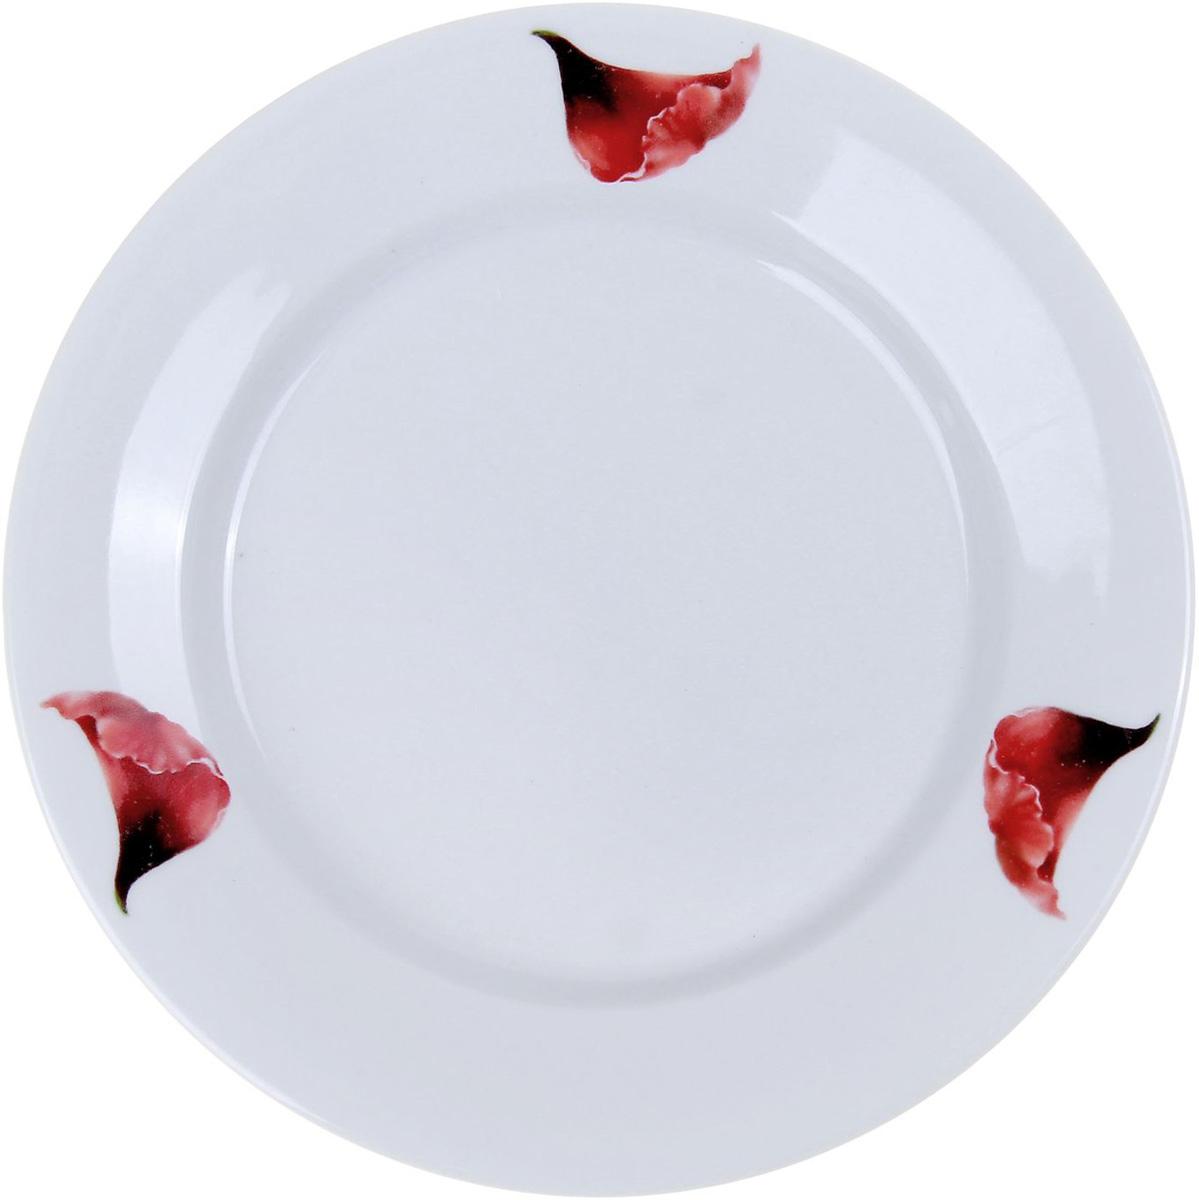 Тарелка мелкая Фарфор Вербилок Маков цвет, диаметр 20 см. 10168251016825От качества посуды зависит не только вкус еды, но и здоровье человека. Тарелка - товар, соответствующий российским стандартам качества. Любой хозяйке будет приятно держать его в руках. С такой посудой и кухонной утварью приготовление еды и сервировка стола превратятся в настоящий праздник.